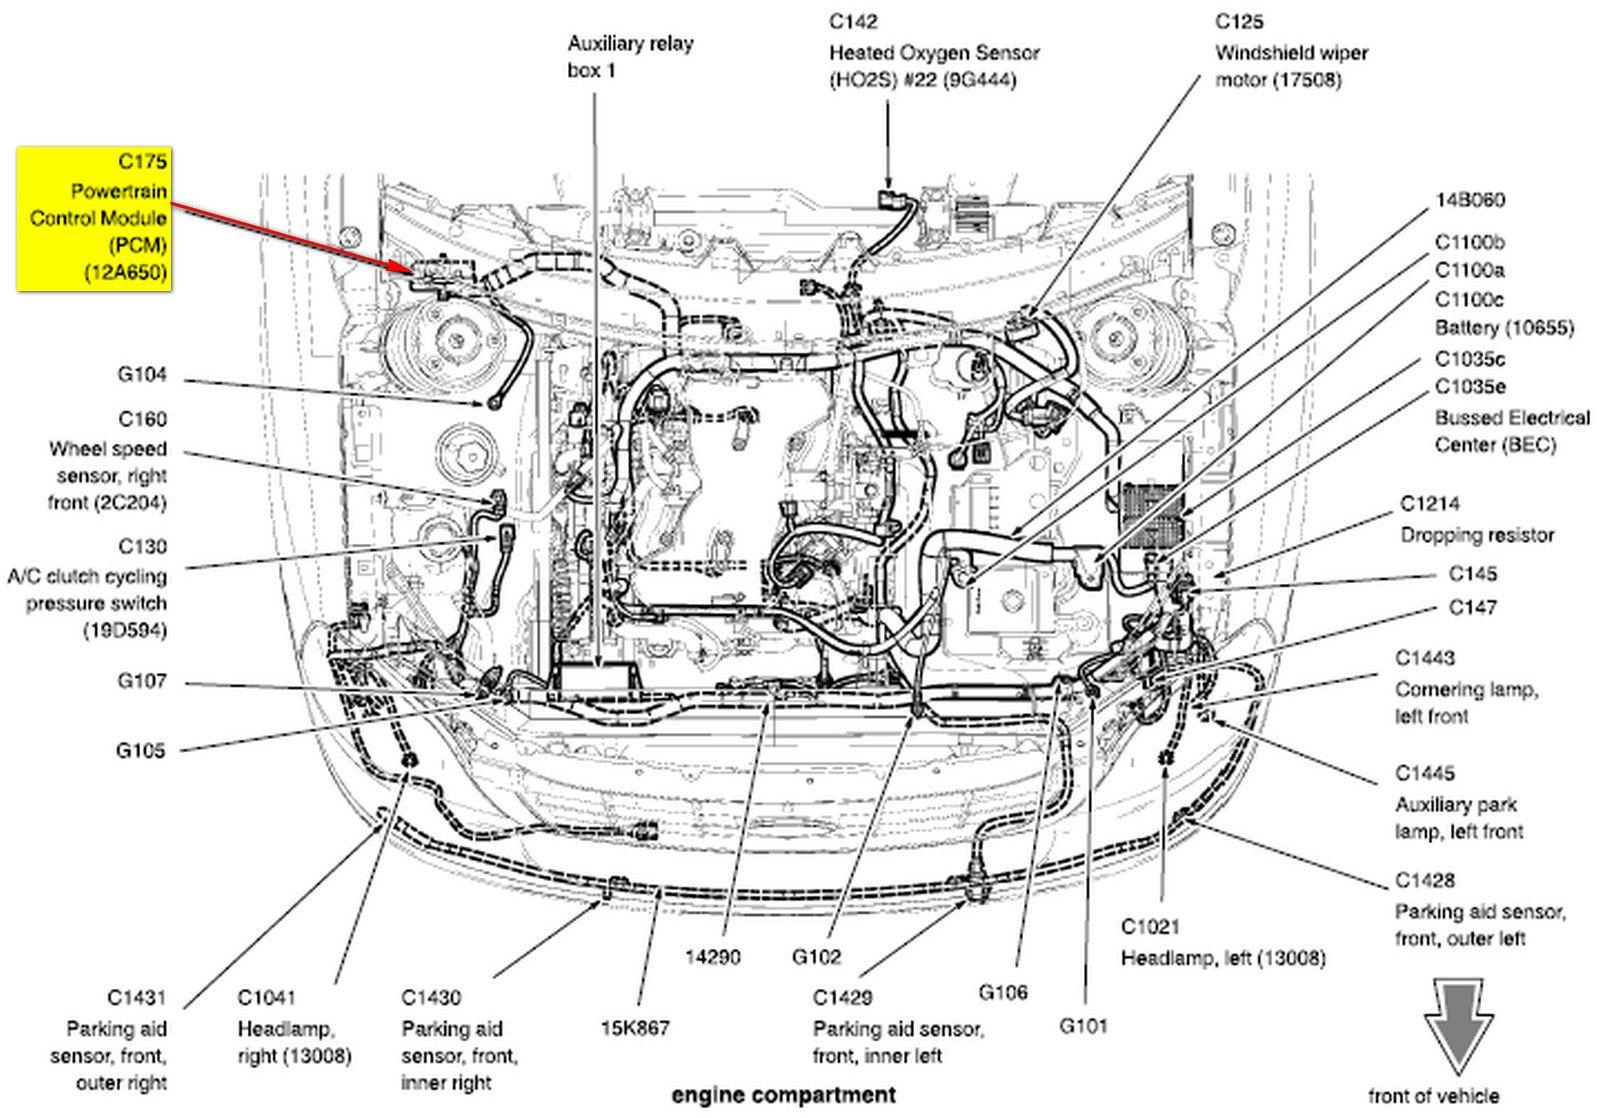 2005 Ford Focus O2 Sensor Location : Es20358 Delphi O2